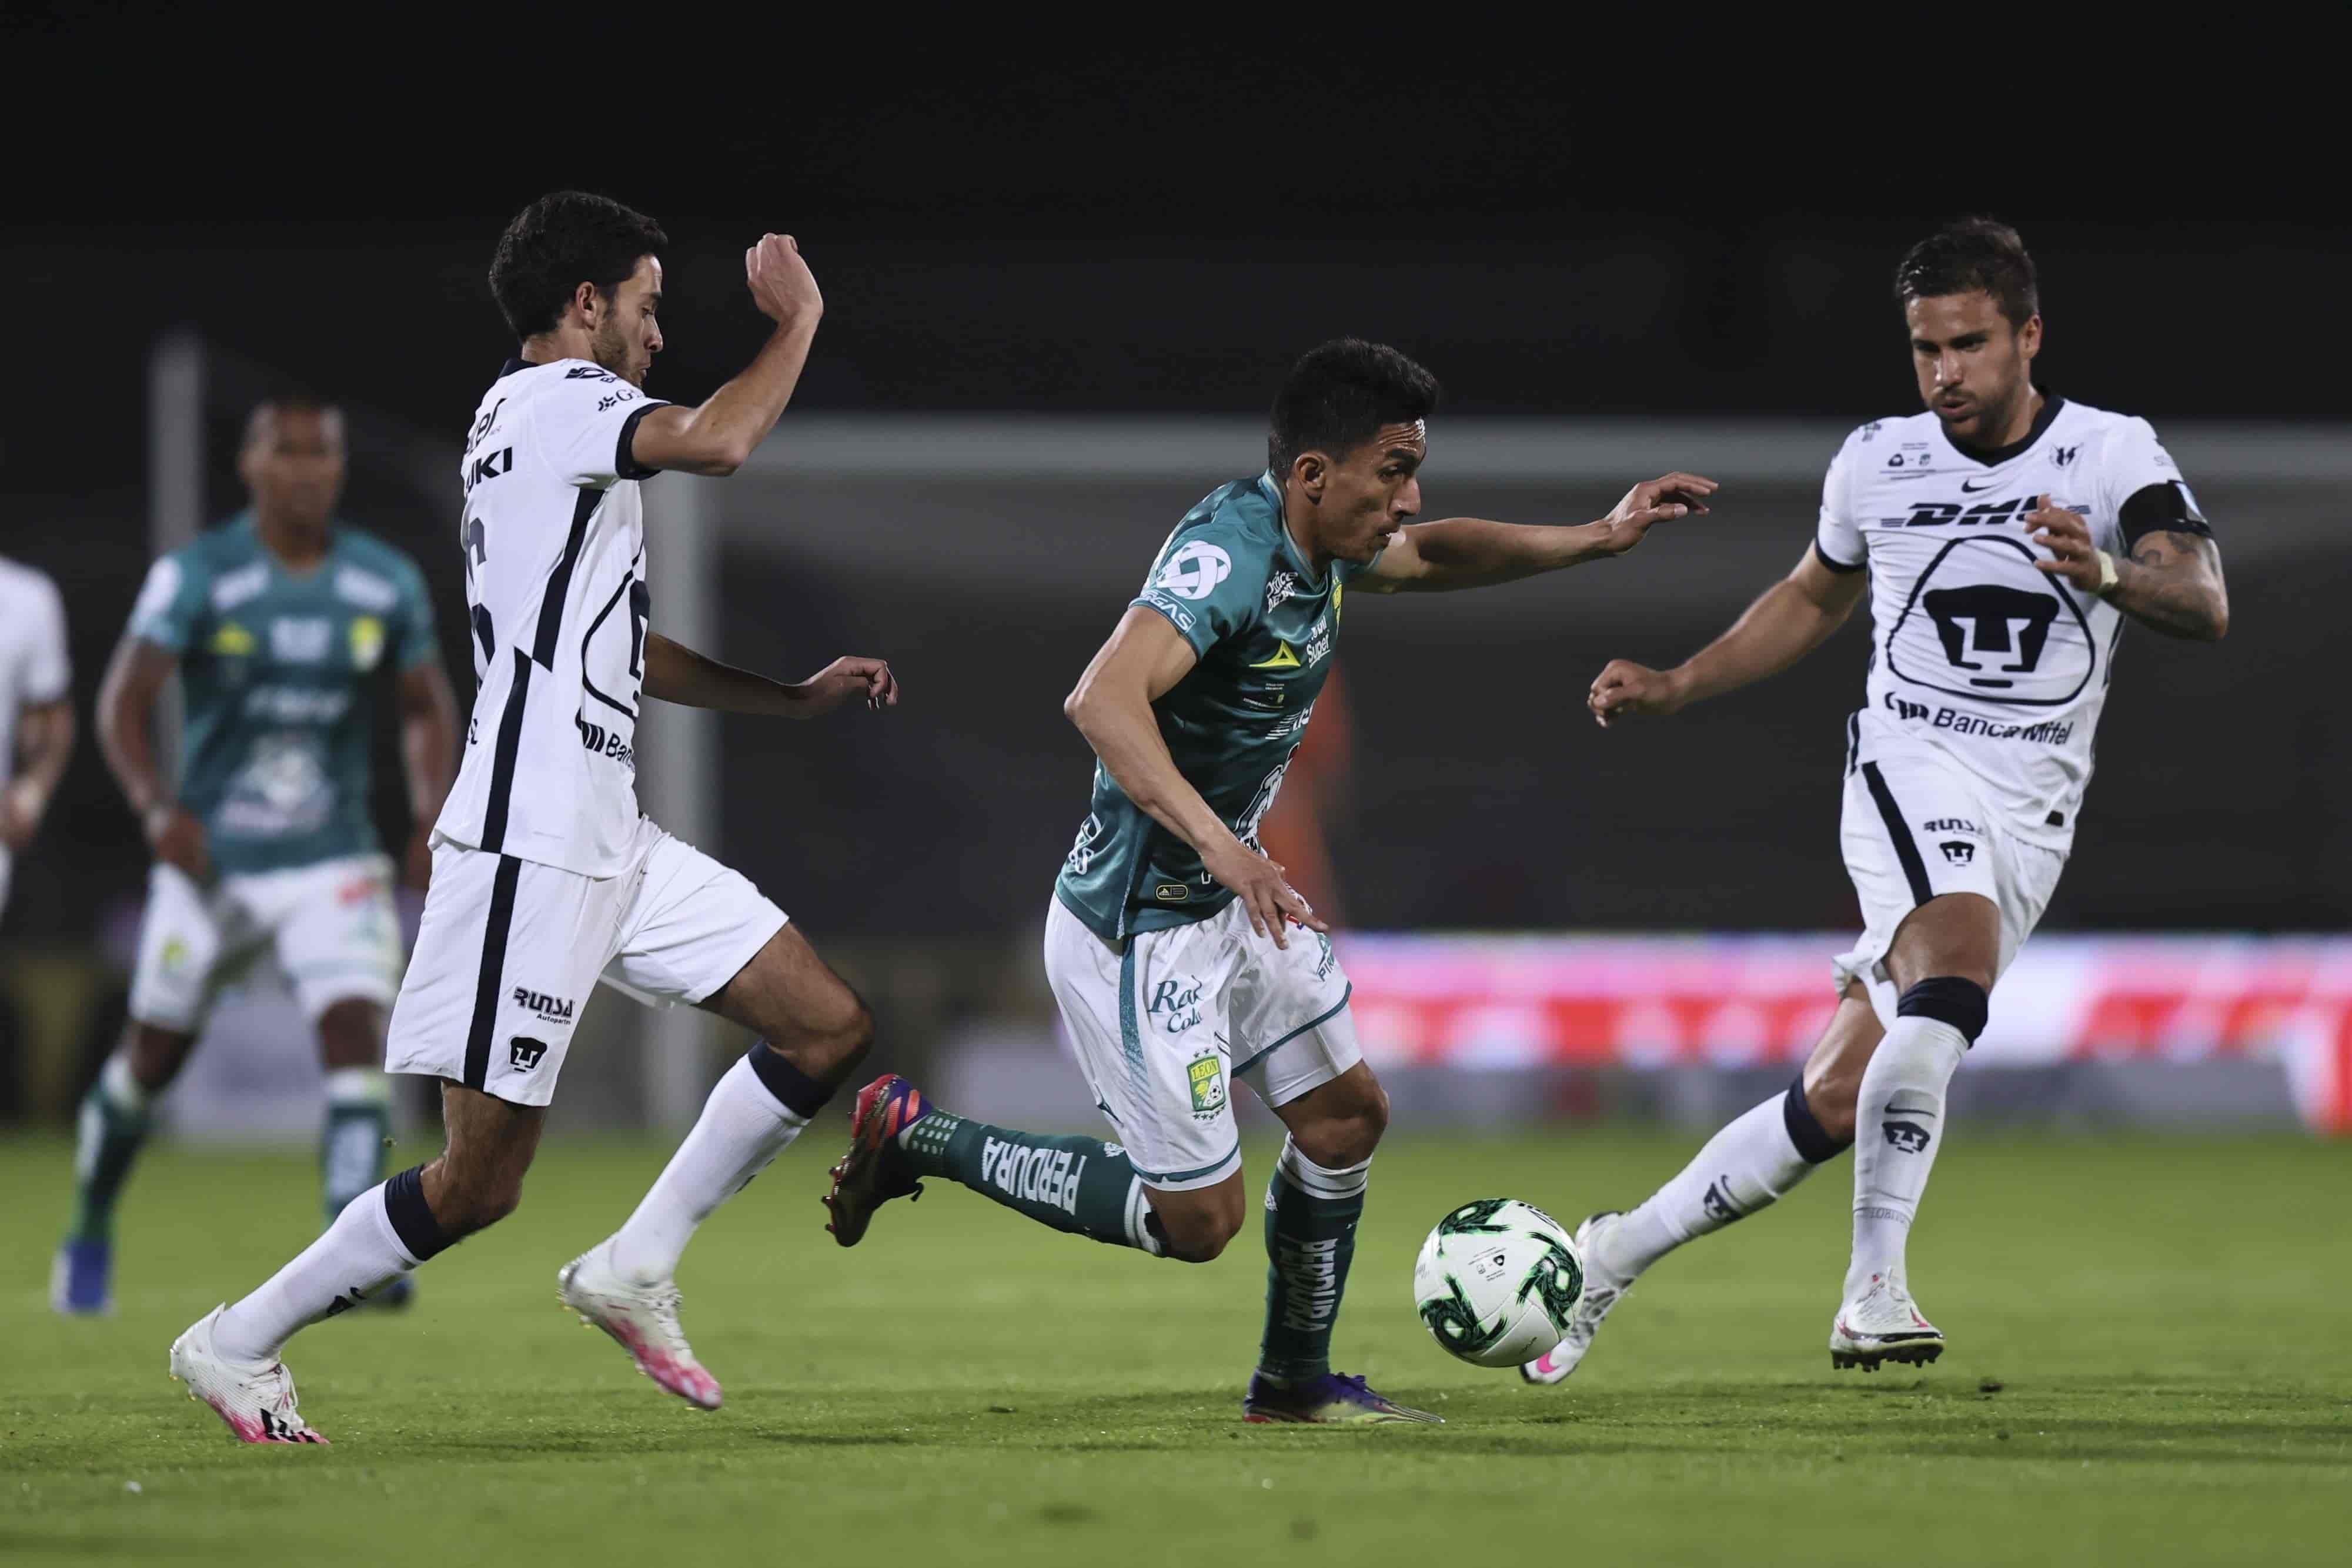 Pumas 1-1 León marcador final